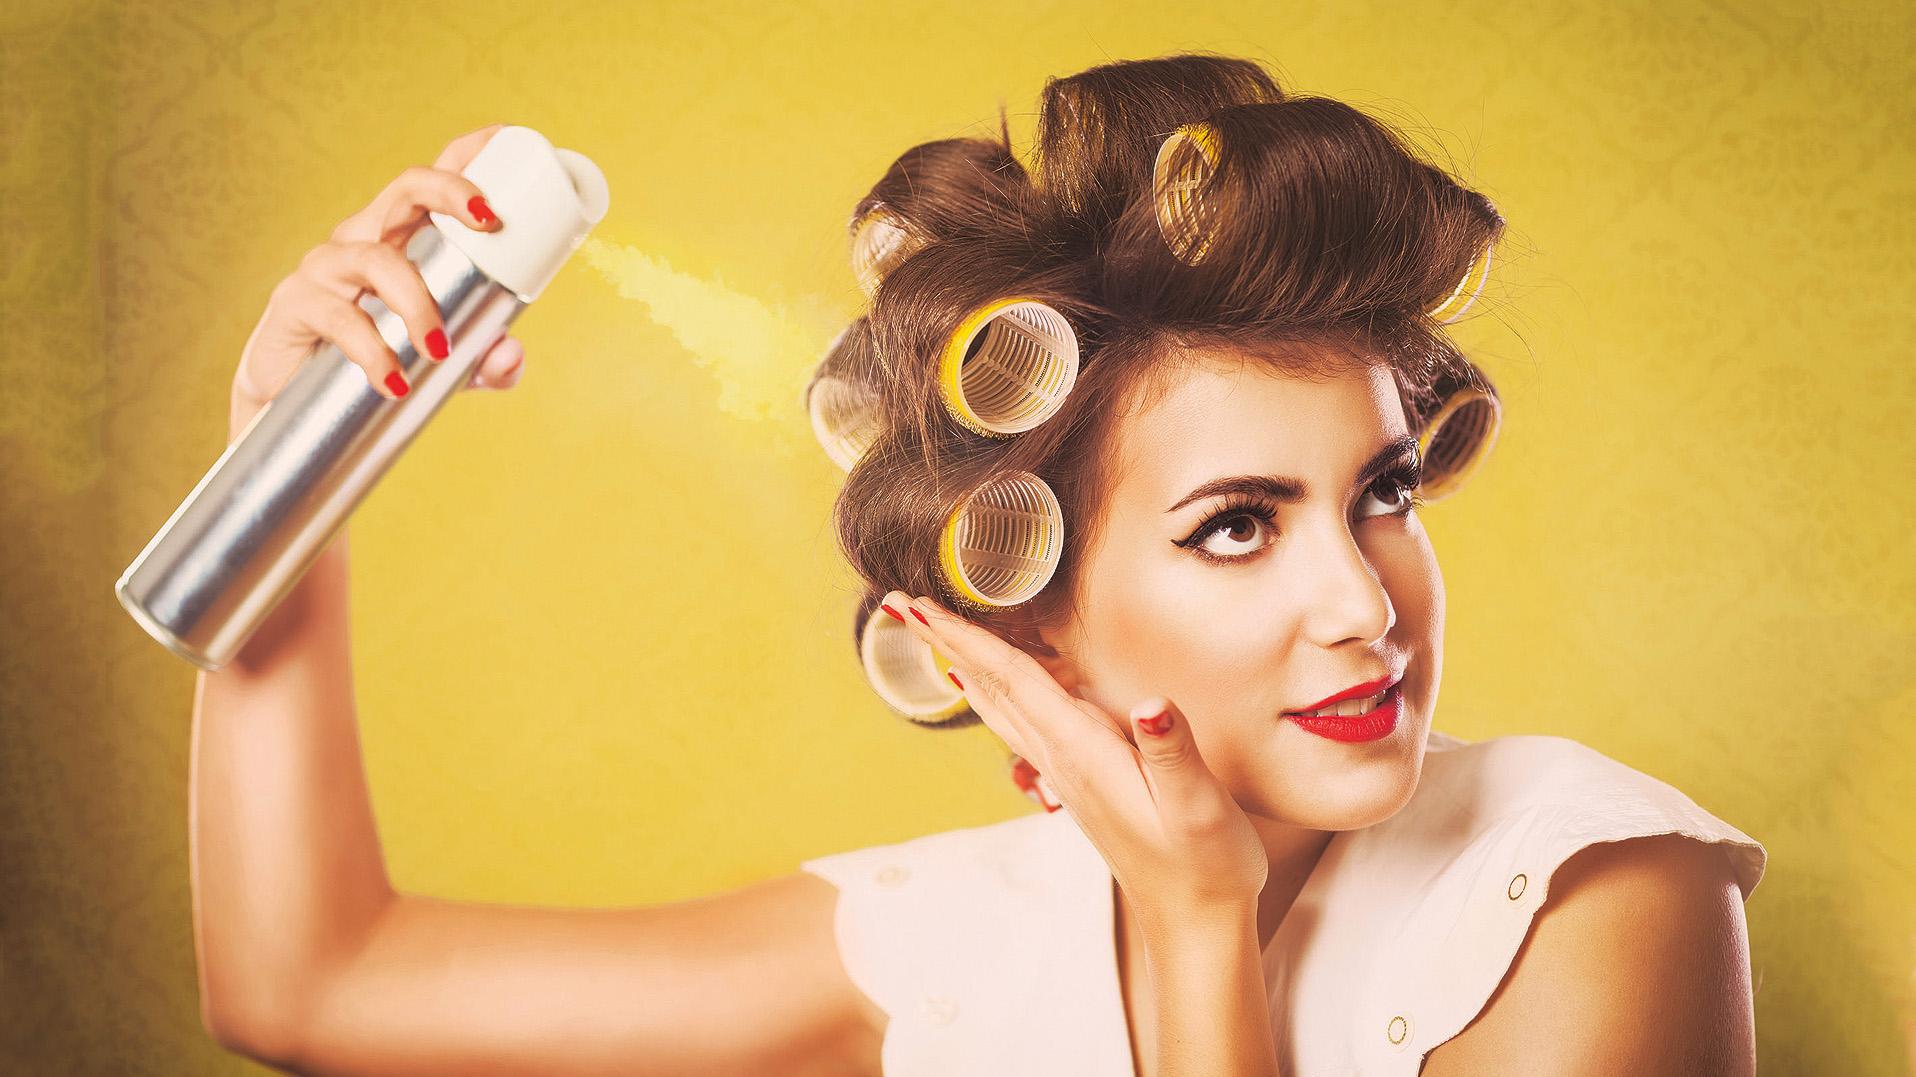 4 частые ошибки в использовании лака для волос, из-за которых страдает ваша прическа